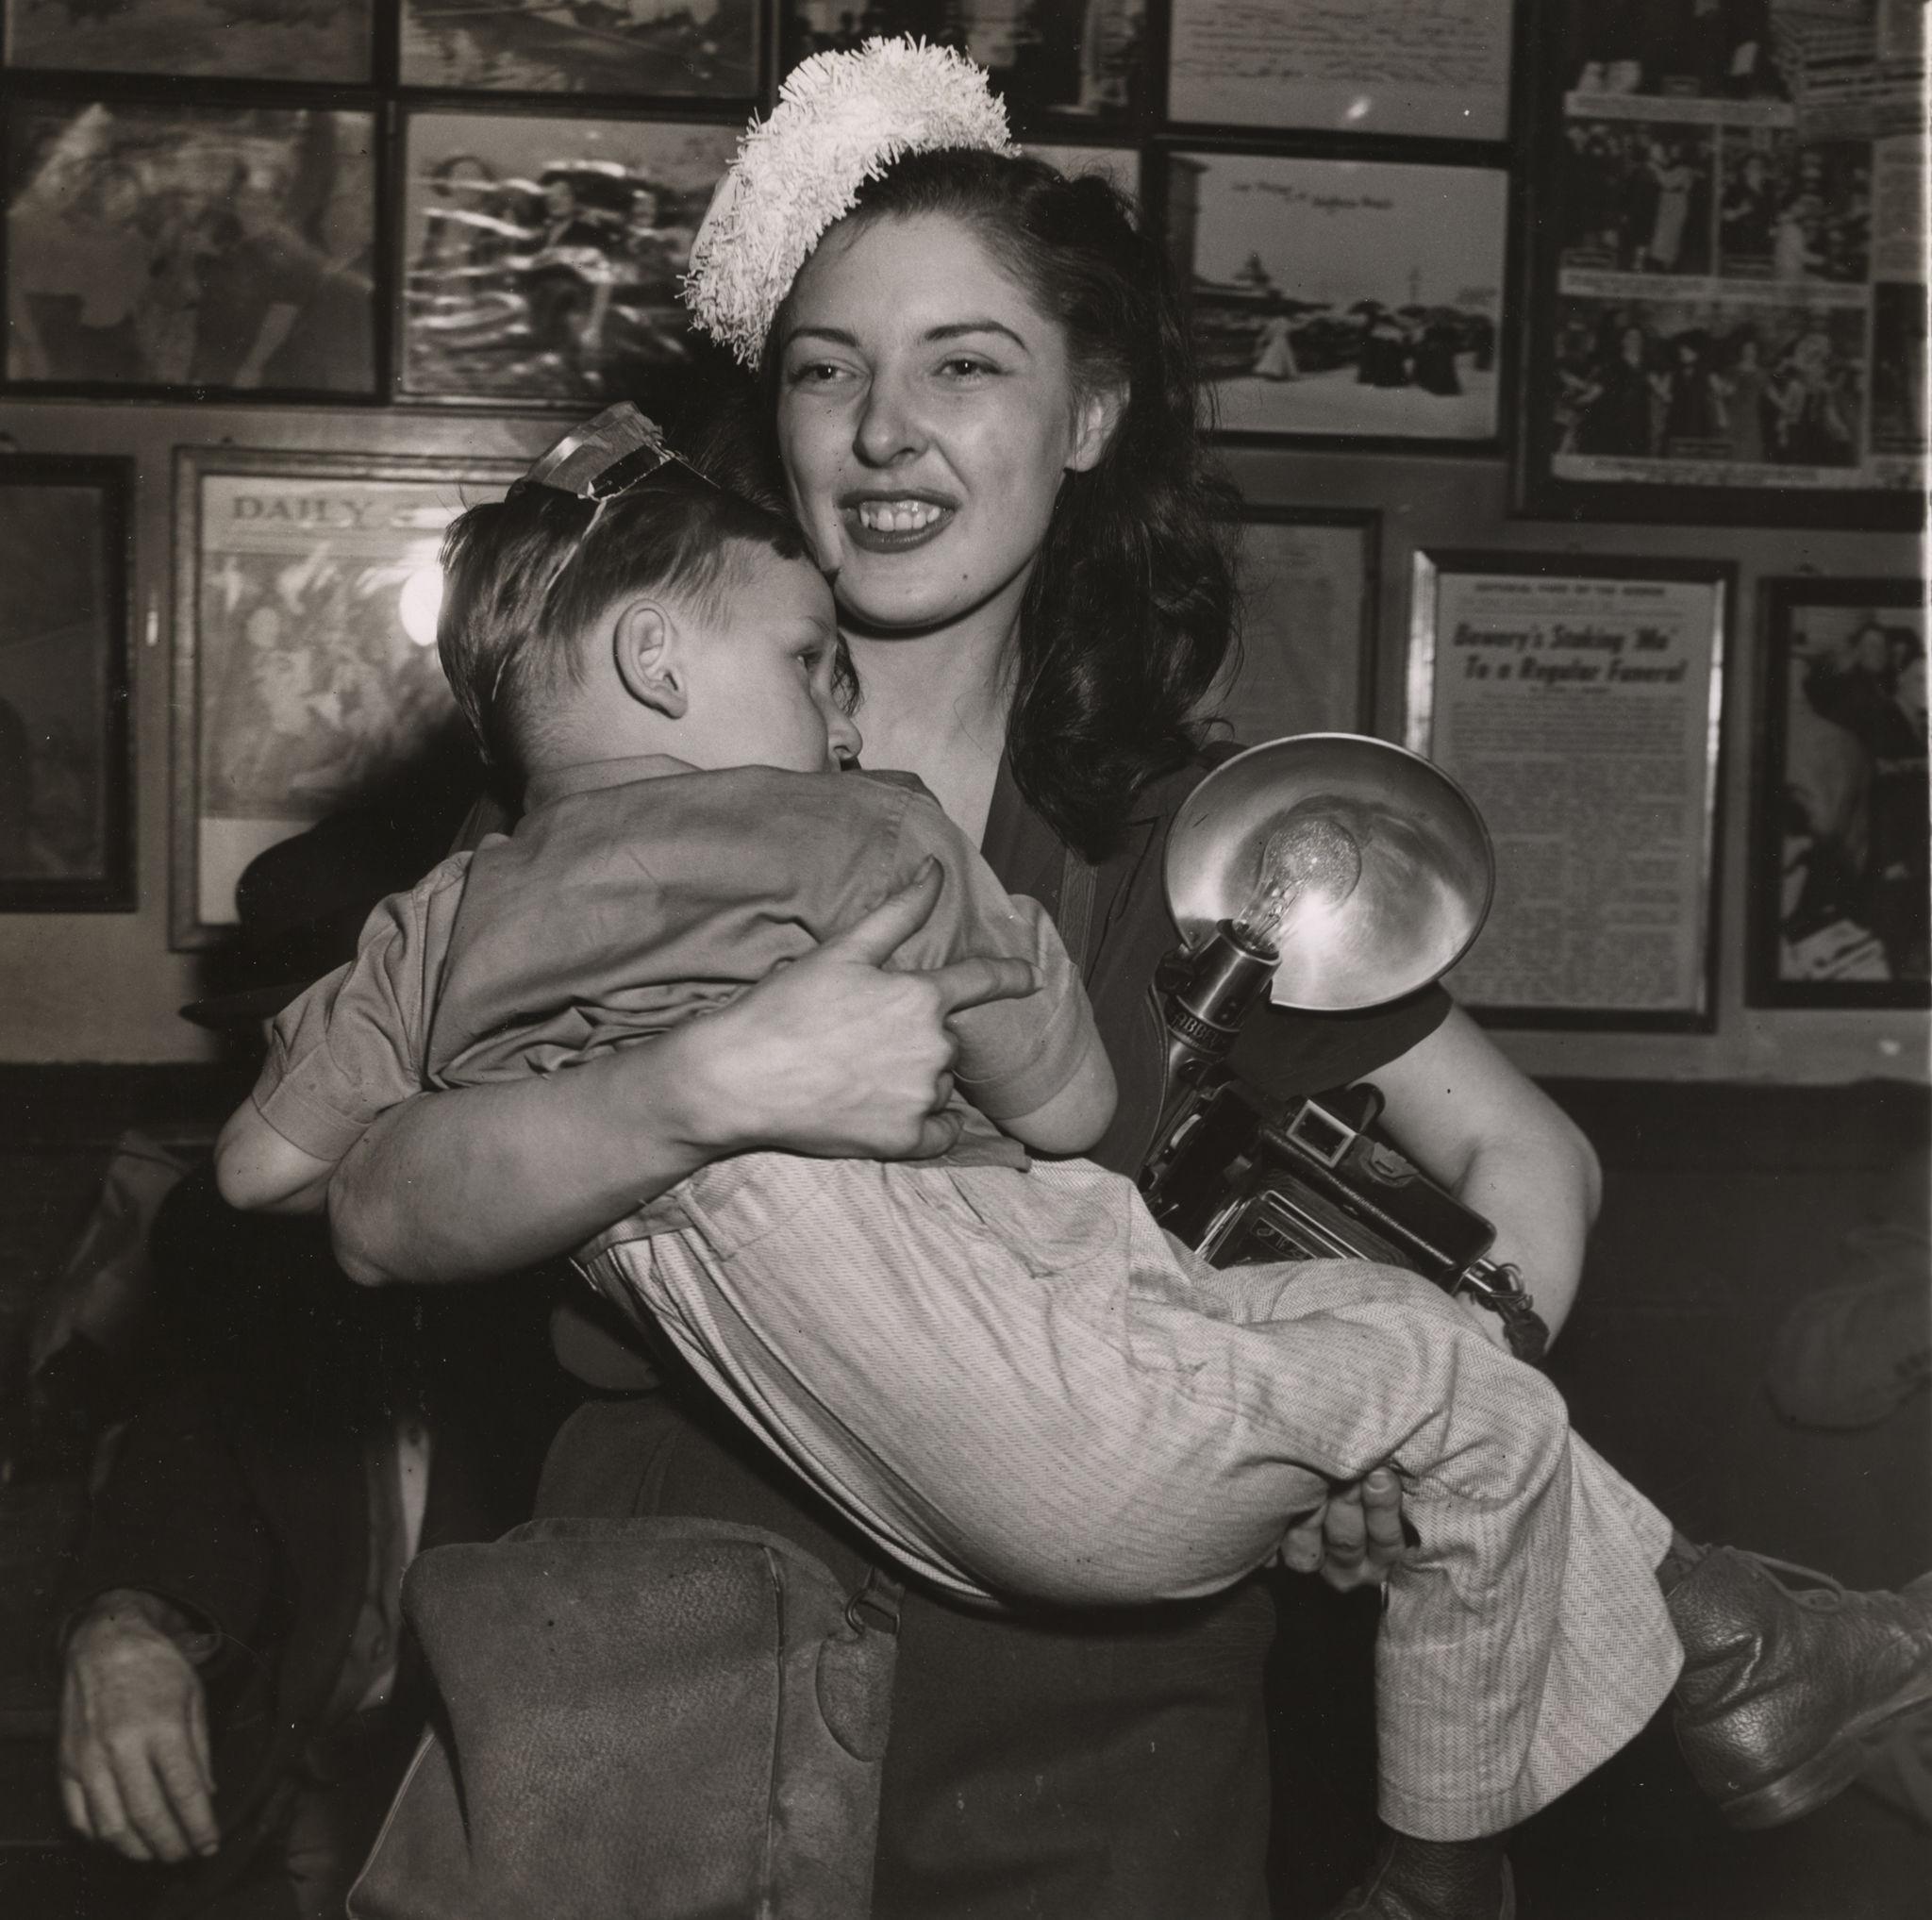 1943. Женщина несет ребенка и камеру со вспышкой в канун Нового года, Нью-Йорк.jpg